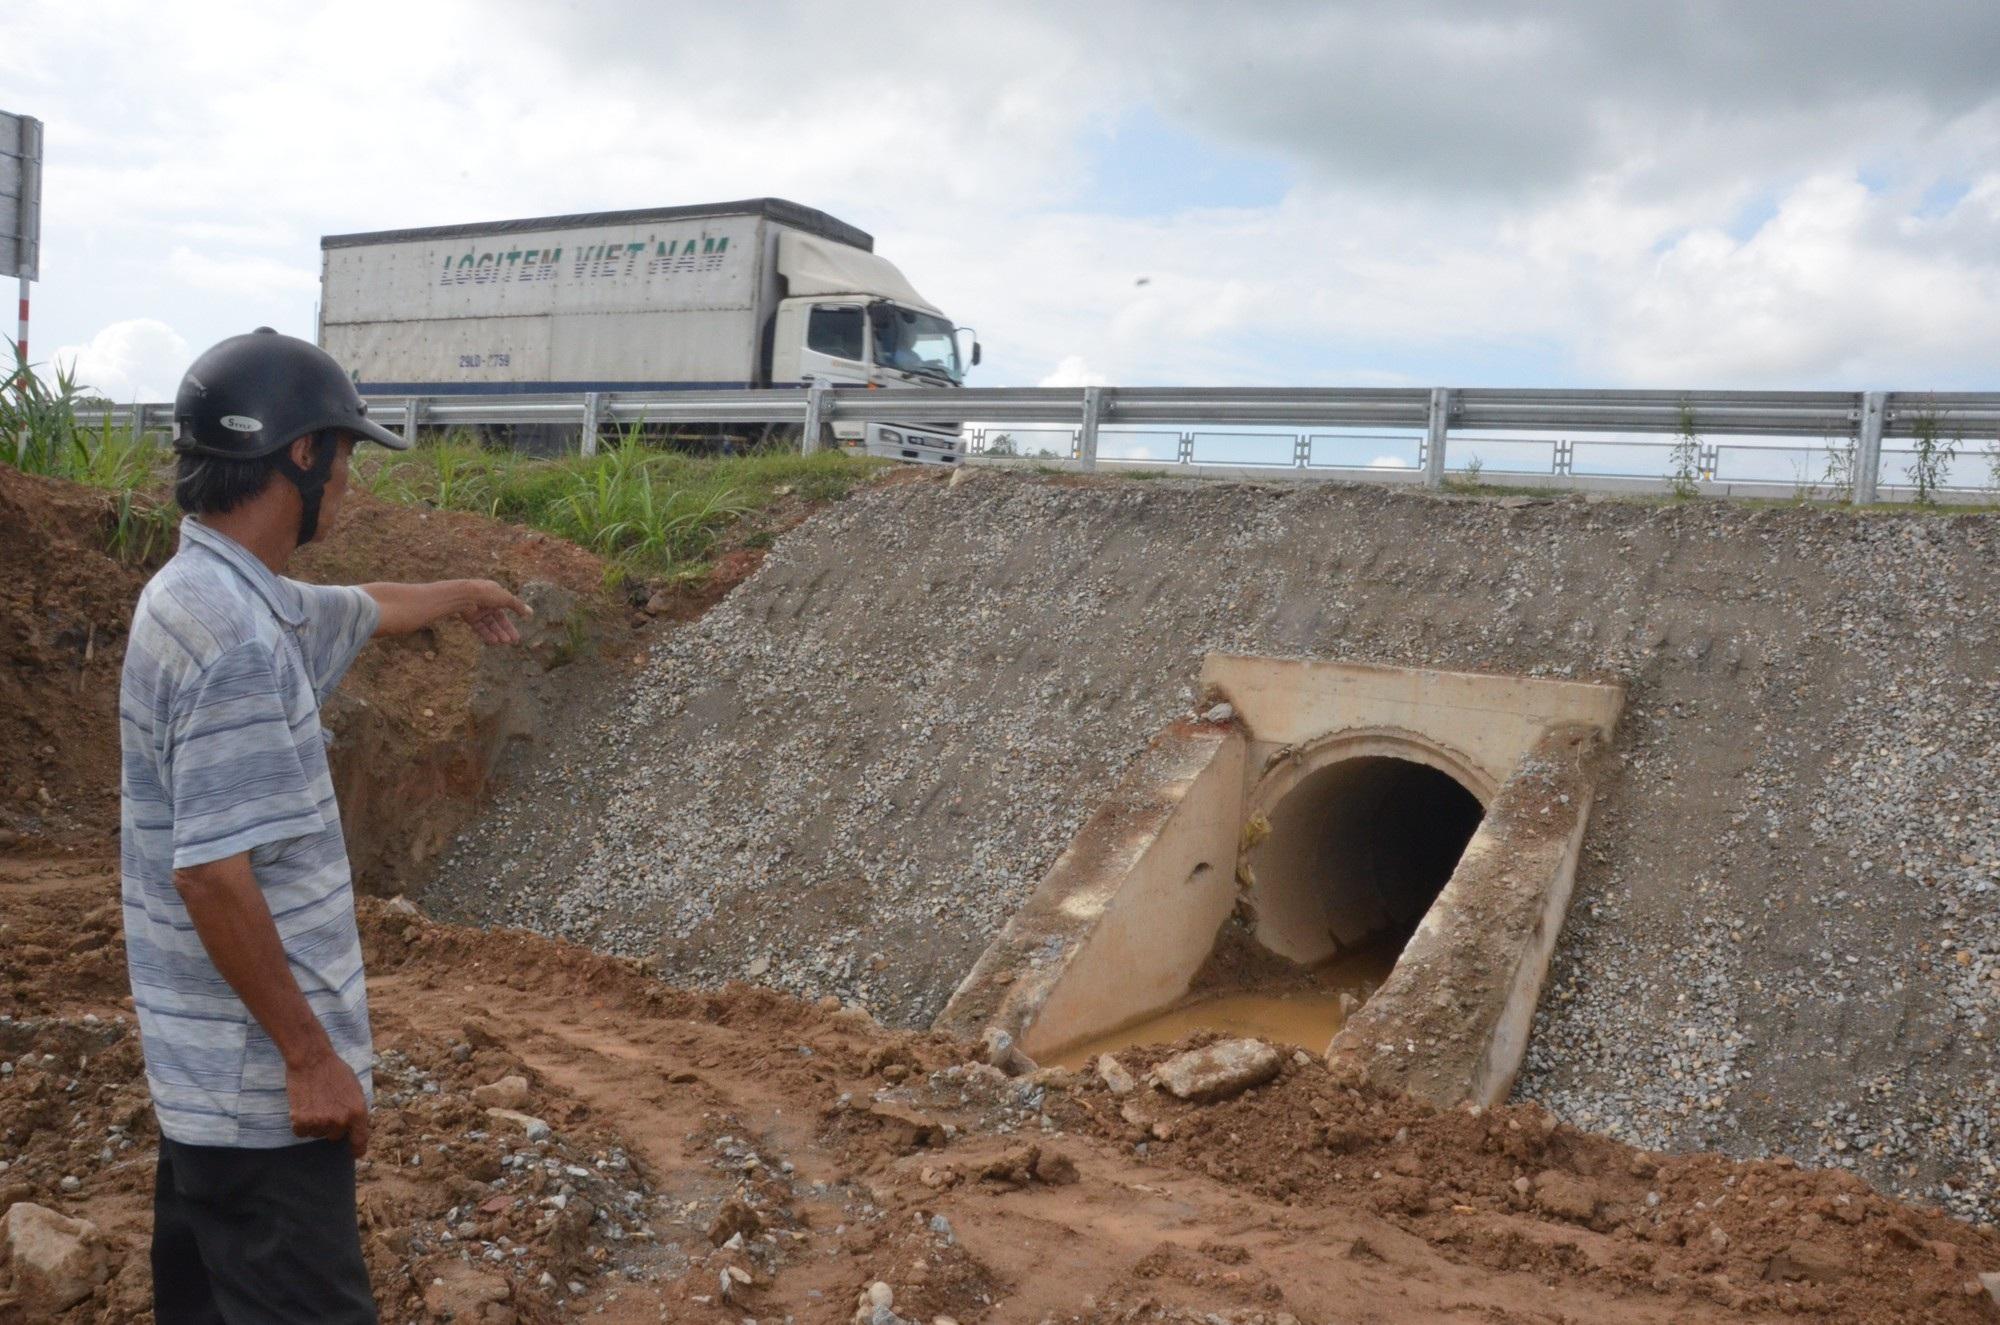 Cao tốc Đà Nẵng - Quảng Ngãi: Bê tông mái taluy vỡ vụn - Ảnh 5.